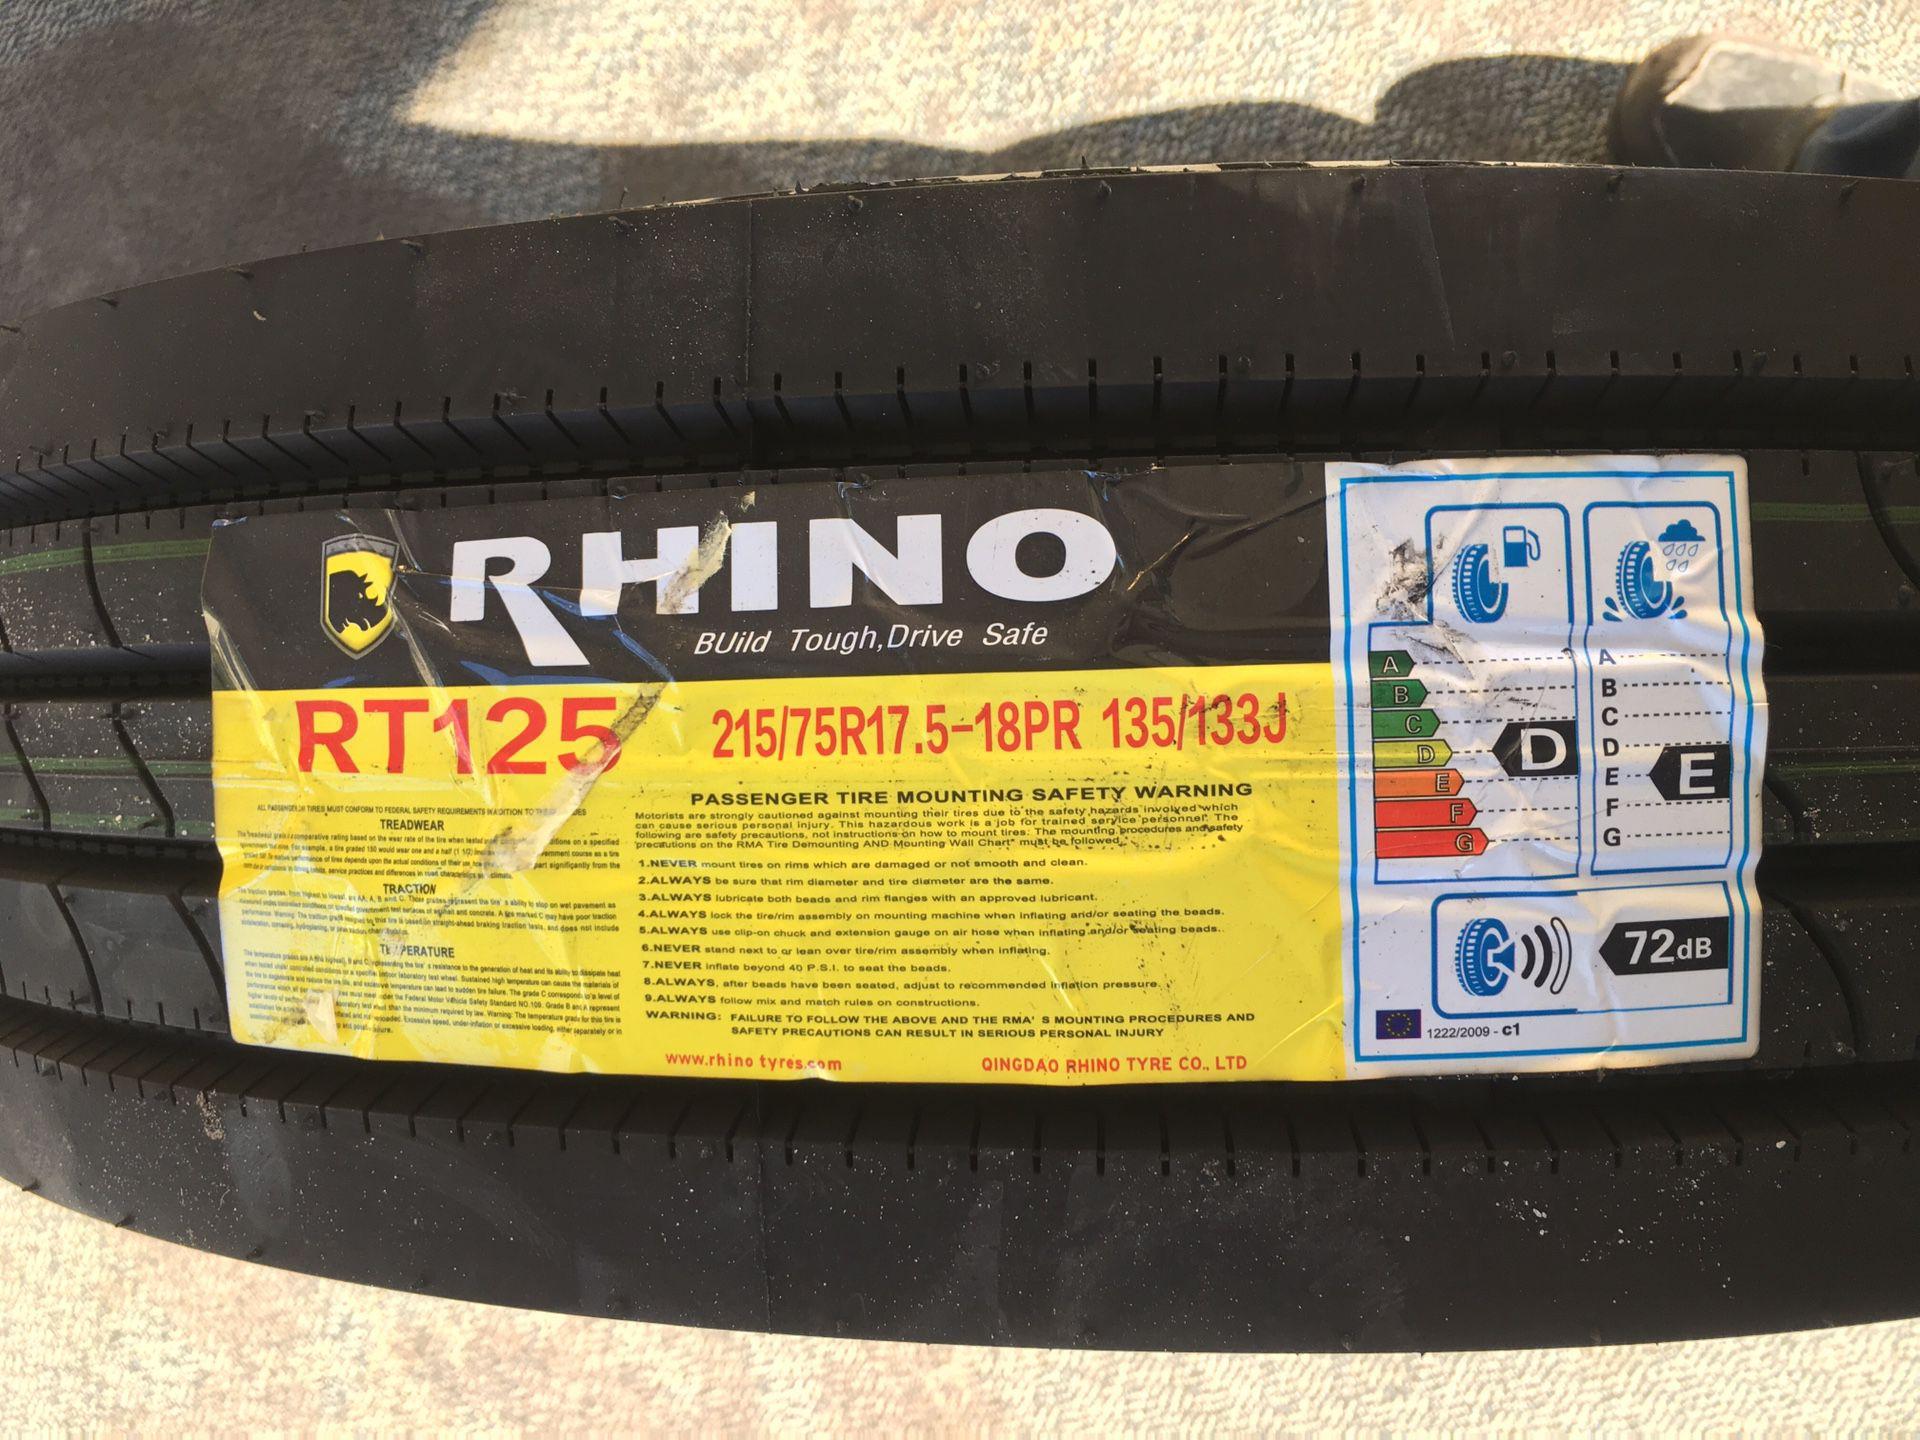 215/75/17.5 - Rhino Tire 16 Ply